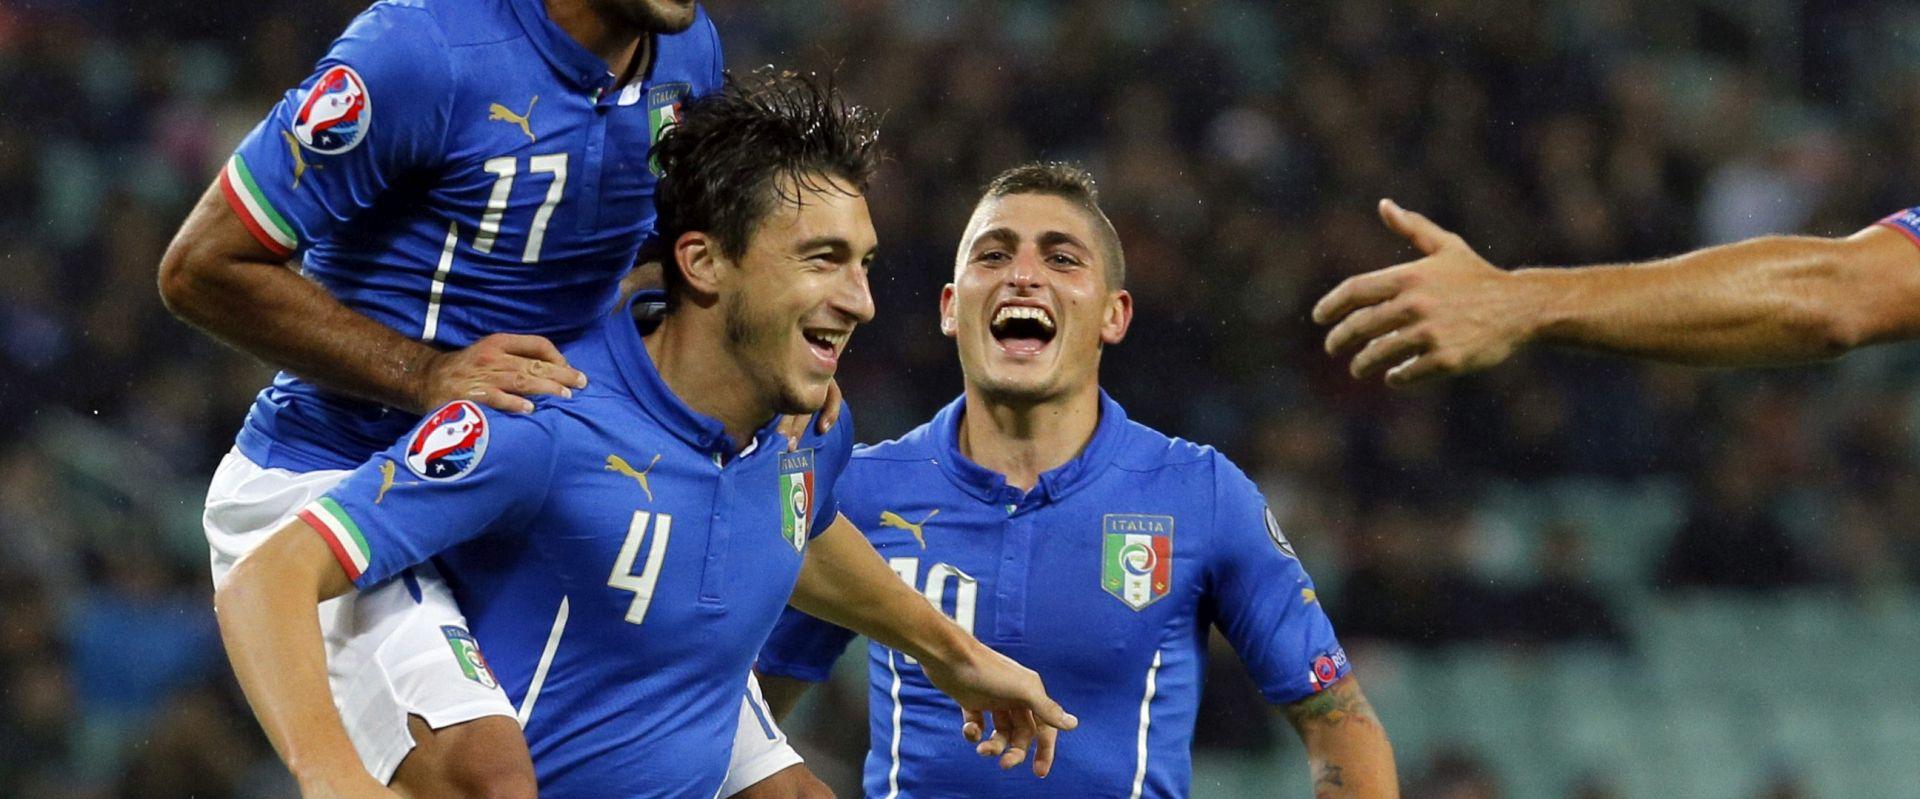 KONKURENTI DOBILI Italija na Euru 2016, Norveška korak bliže istom cilju